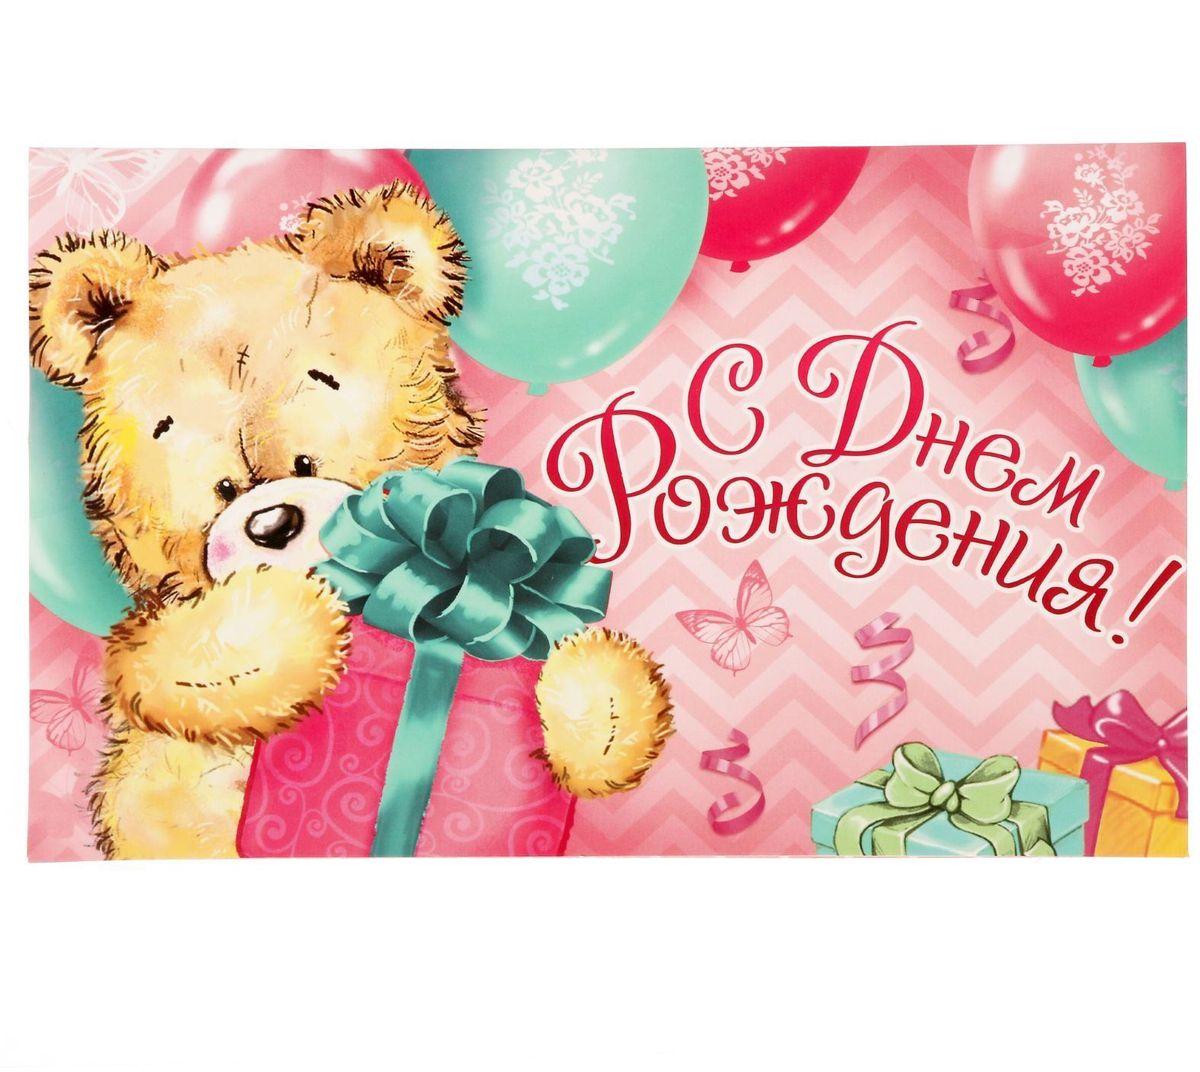 Открытка объемная Дарите cчастье С Днем Рождения!, 19 х 12 см1209045Хотите удивить своих близких необычным поздравлением? Объемная открытка вам в этом поможет. Внутри неё - волшебный мир детства и праздника. Рисованные персонажи будто оживают прямо на глазах!Открытка, без сомнения, понравится получателю.